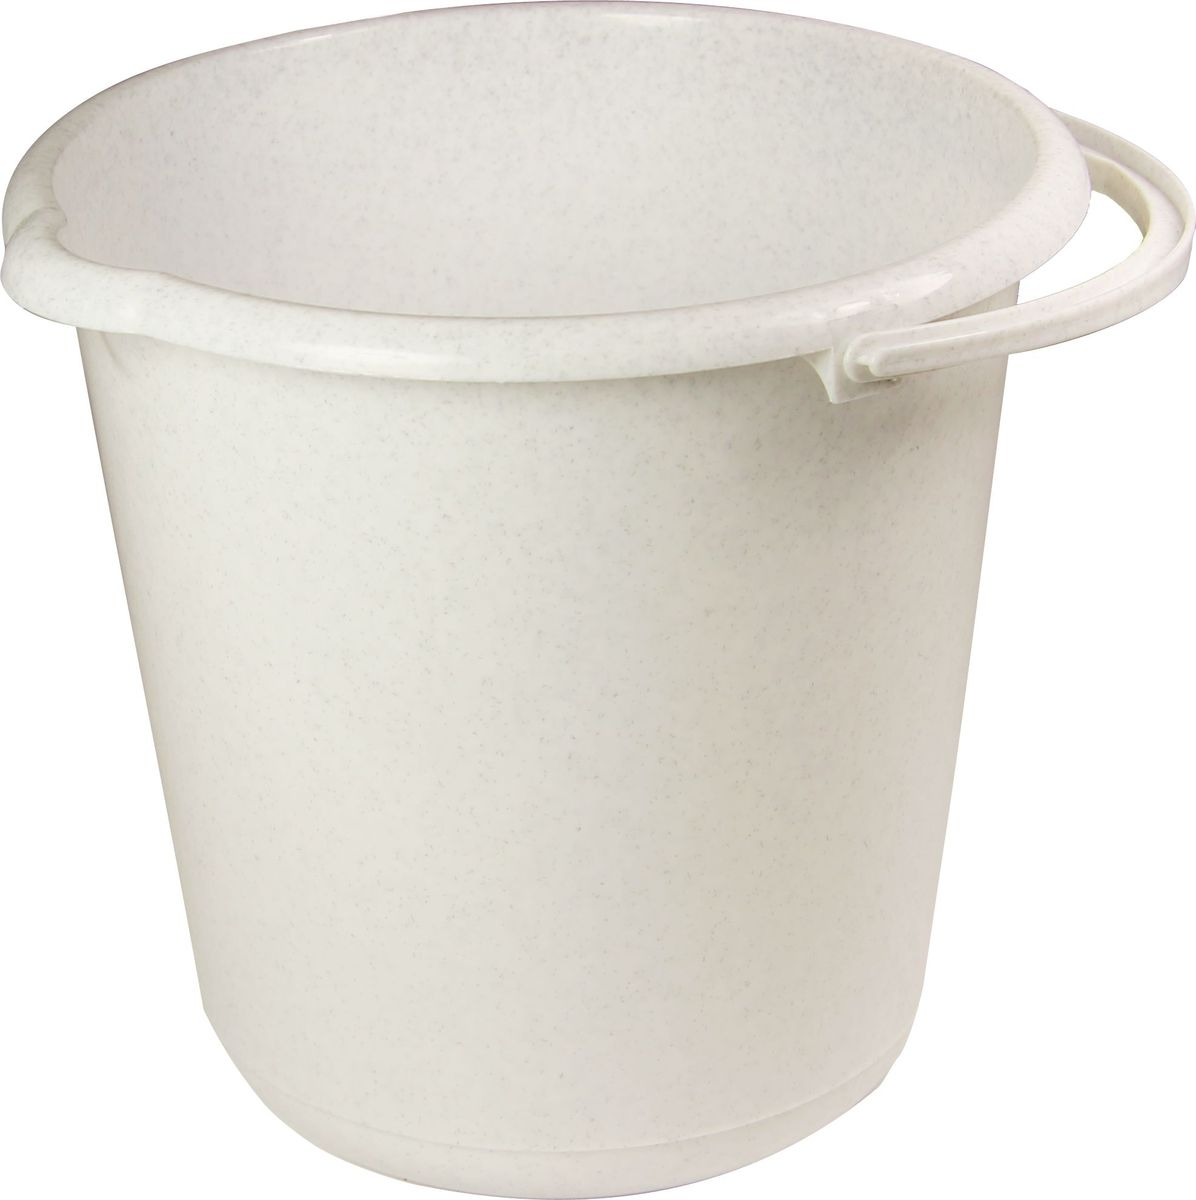 Ведро хозяйственное Idea, цвет: мраморный, 3 л116-01-4557/4782Ведро Idea изготовлено из высококачественного прочного пластика. Оно легче железного и не подвержено коррозии. Ведро оснащено удобной пластиковой ручкой. Такое ведро станет незаменимымпомощником в хозяйстве.Диаметр (по верхнему краю): 20 см.Высота: 18,5 см.